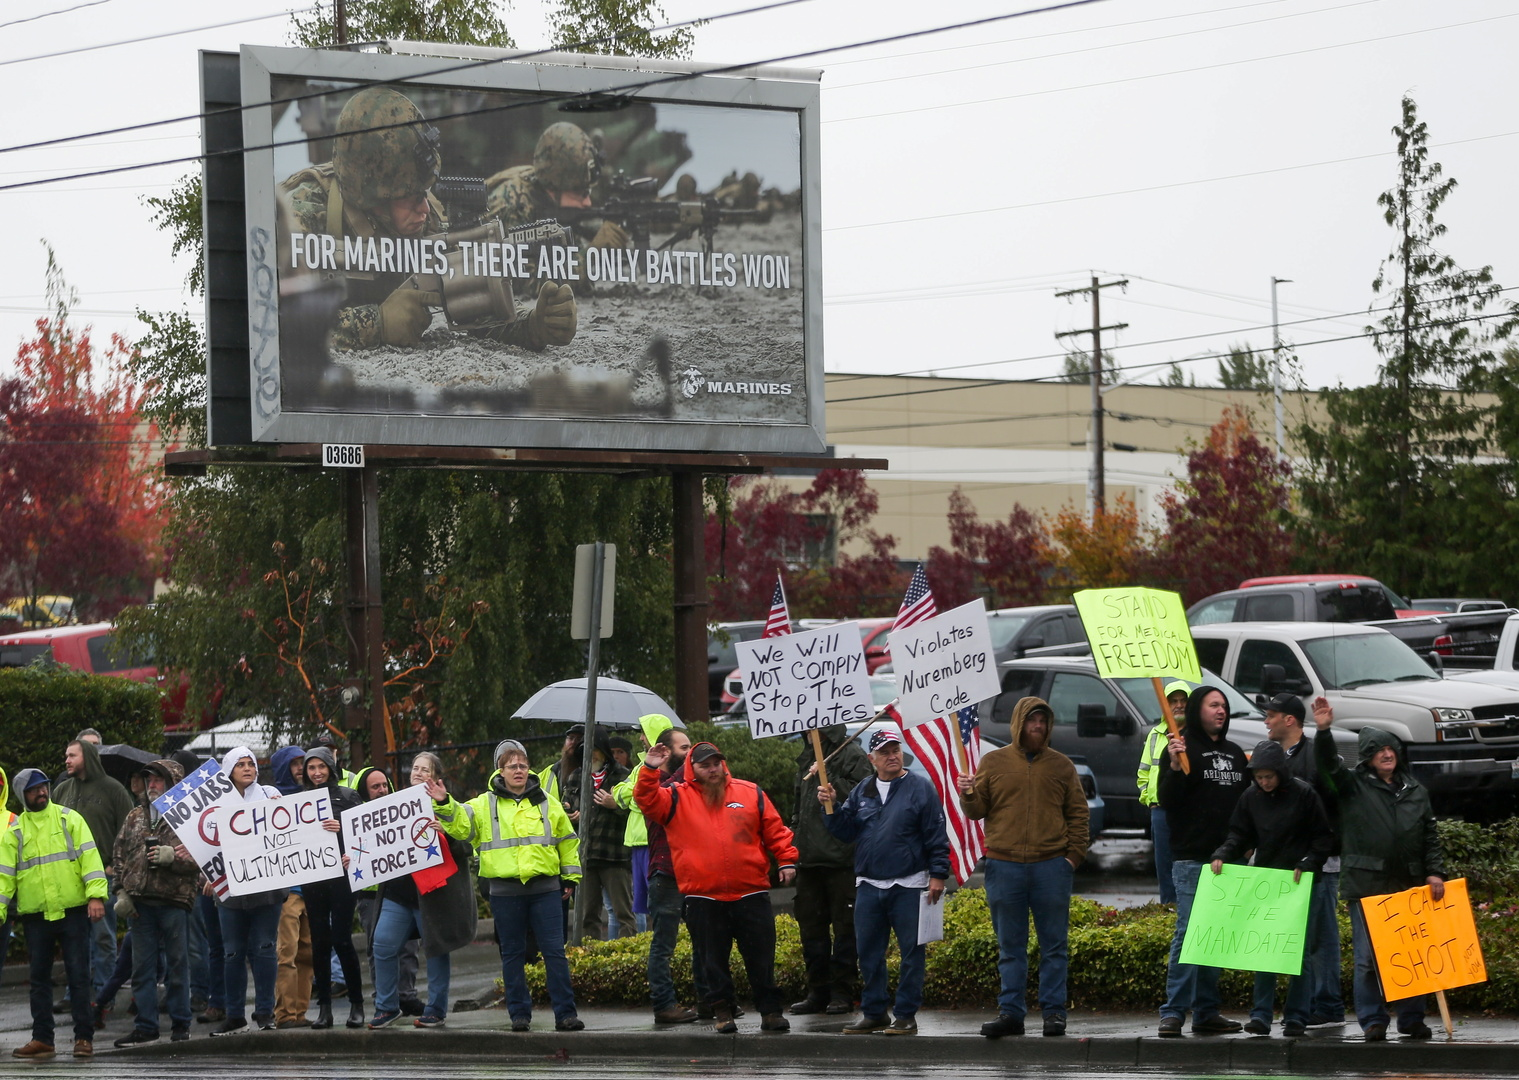 موظفو بوينغ يحتجون ضد التطعيم الإجباري لكورونا